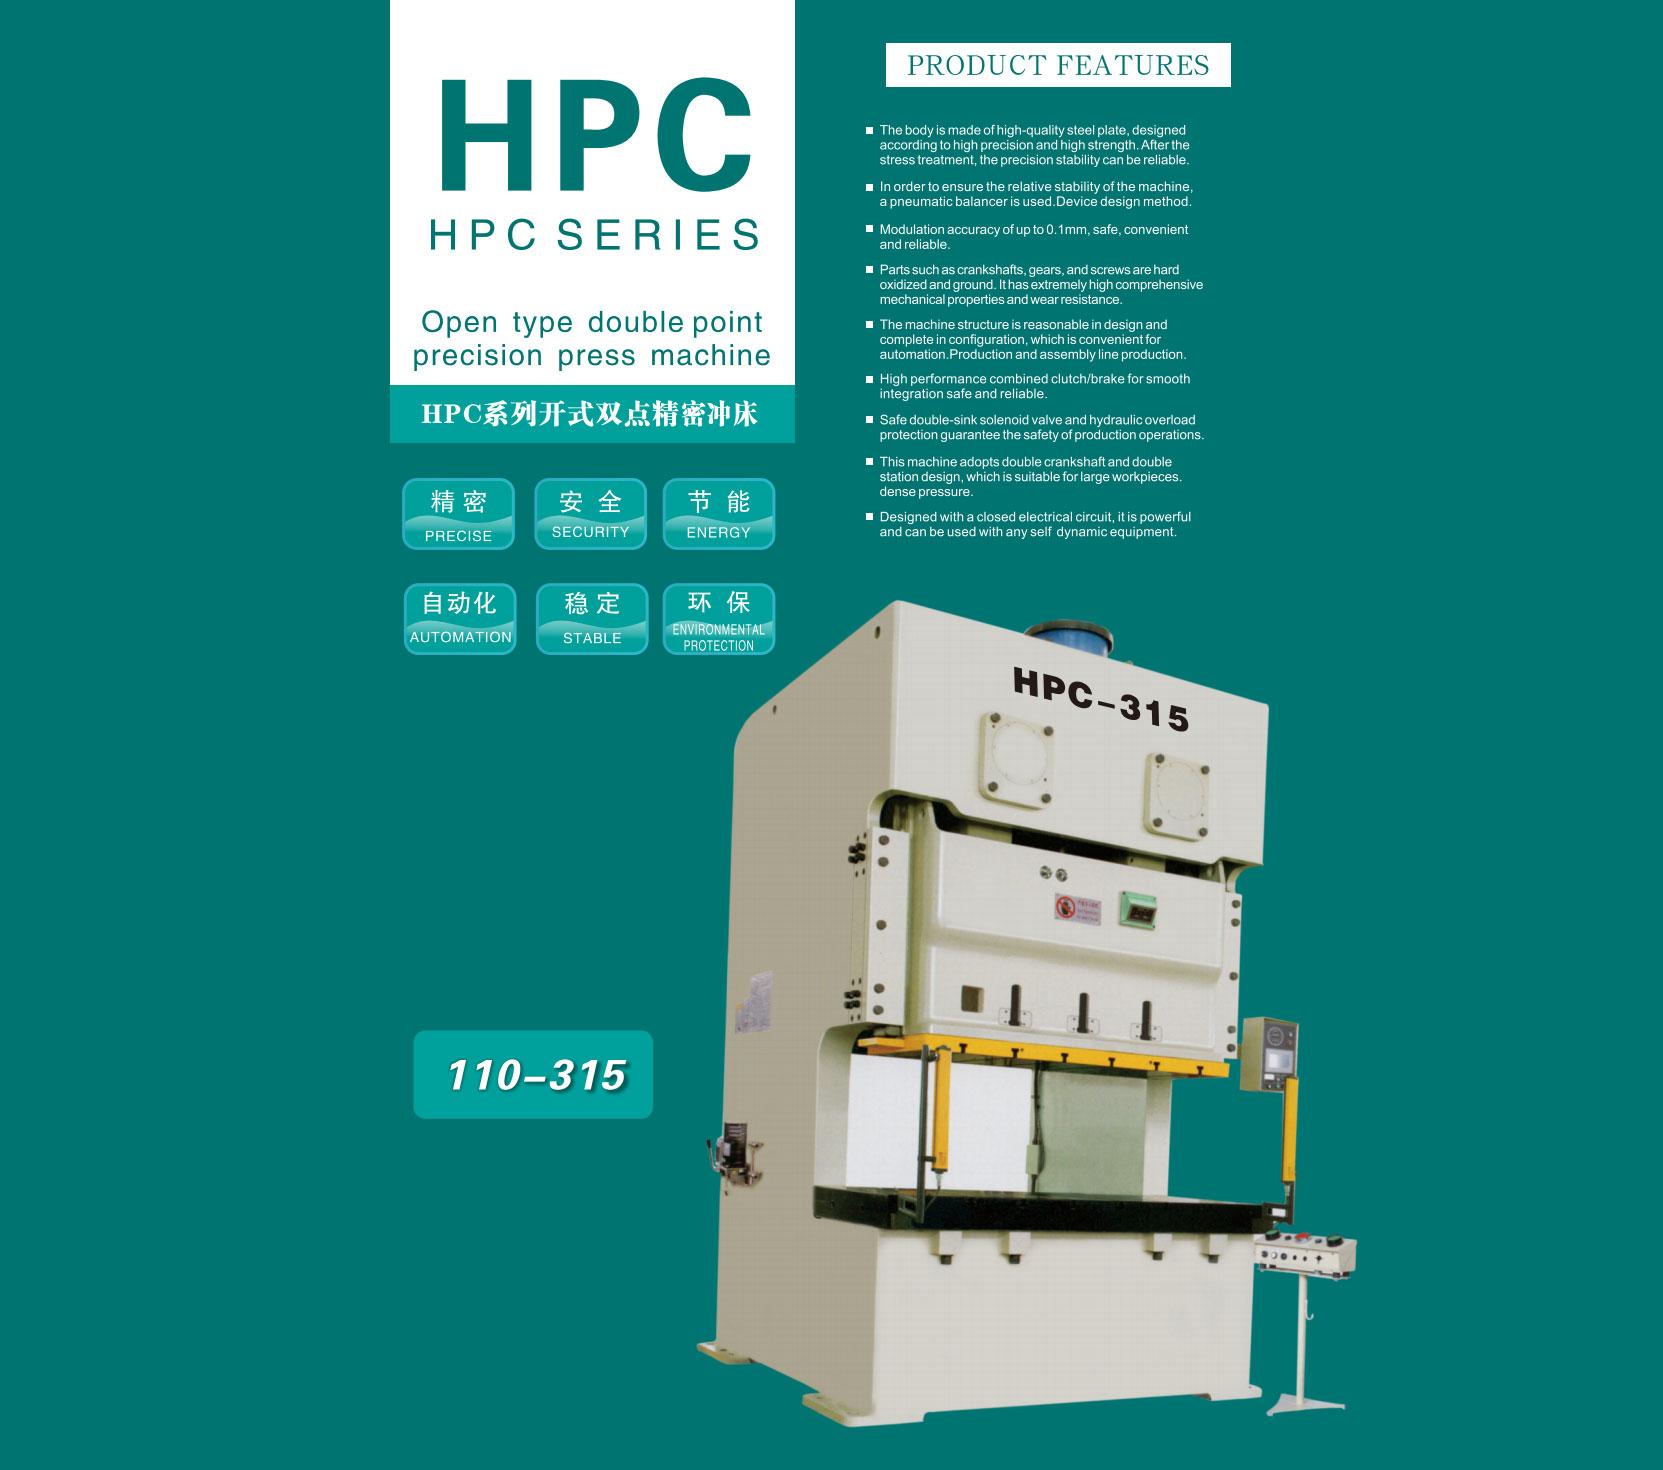 HPC-315